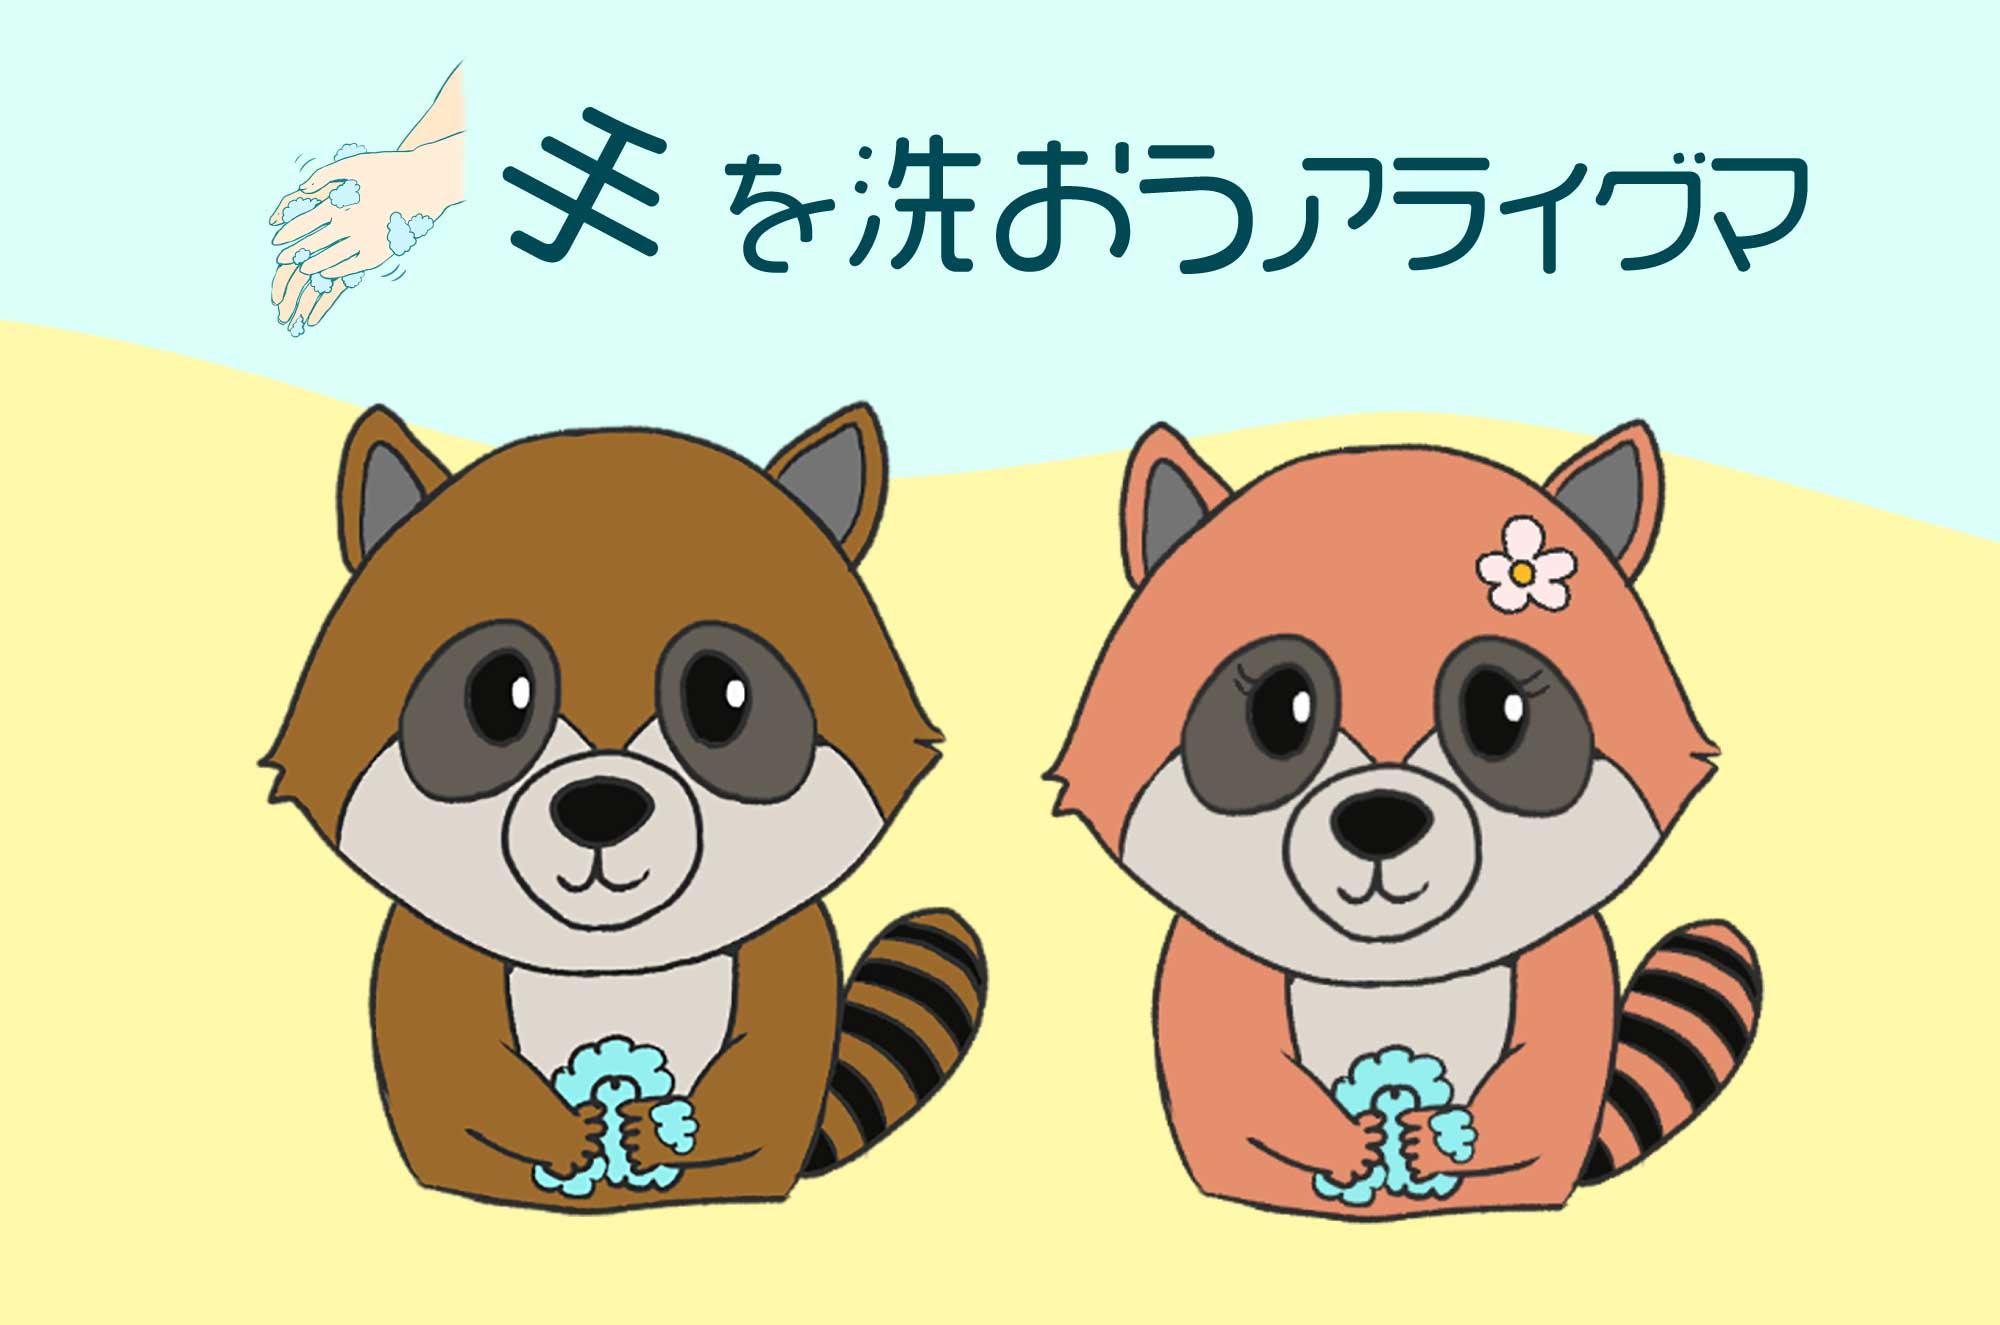 アライグマのフリーイラスト - 手を洗う動物キャラクター